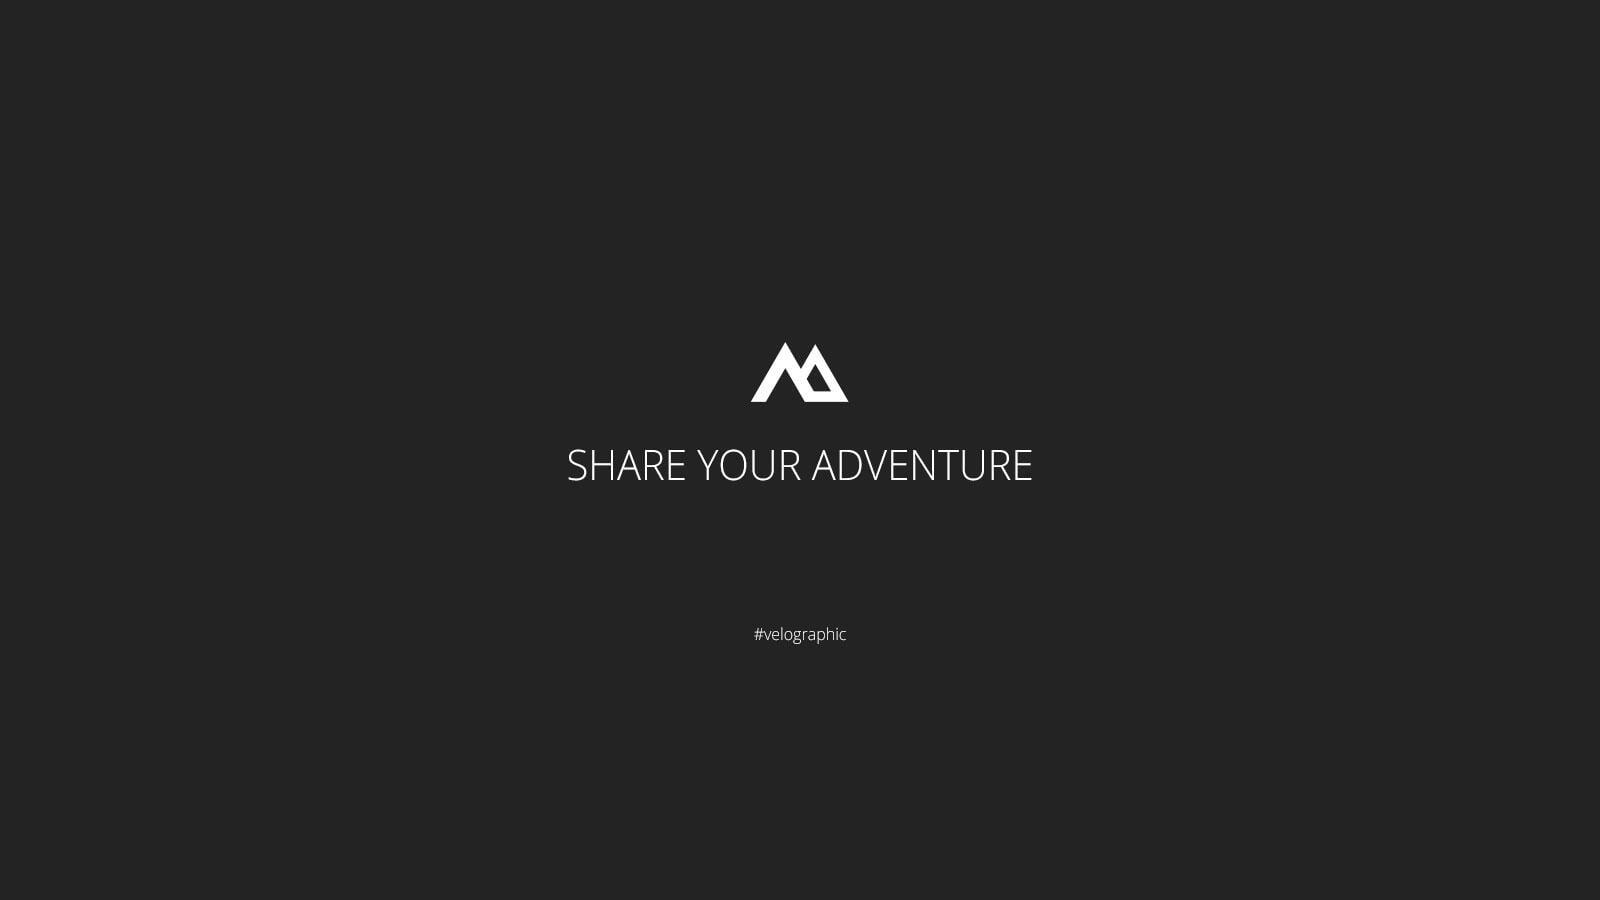 Hướng dẫn VeloGraphic – Ứng dụng chia sẻ thành tích bằng ảnh mới toanh